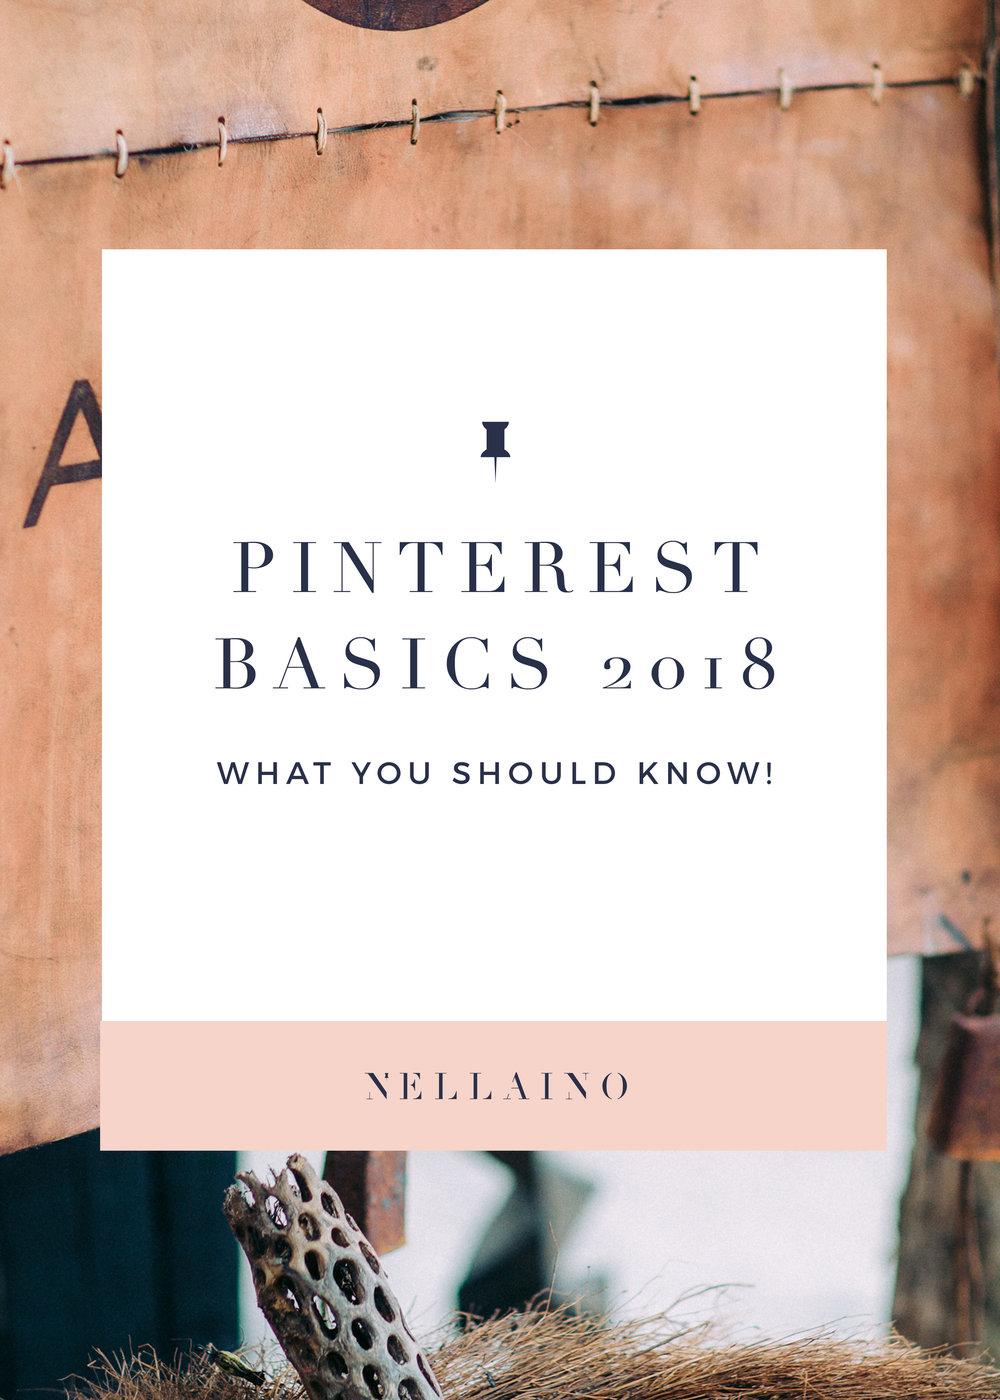 Pinterest-basics-2018.jpg